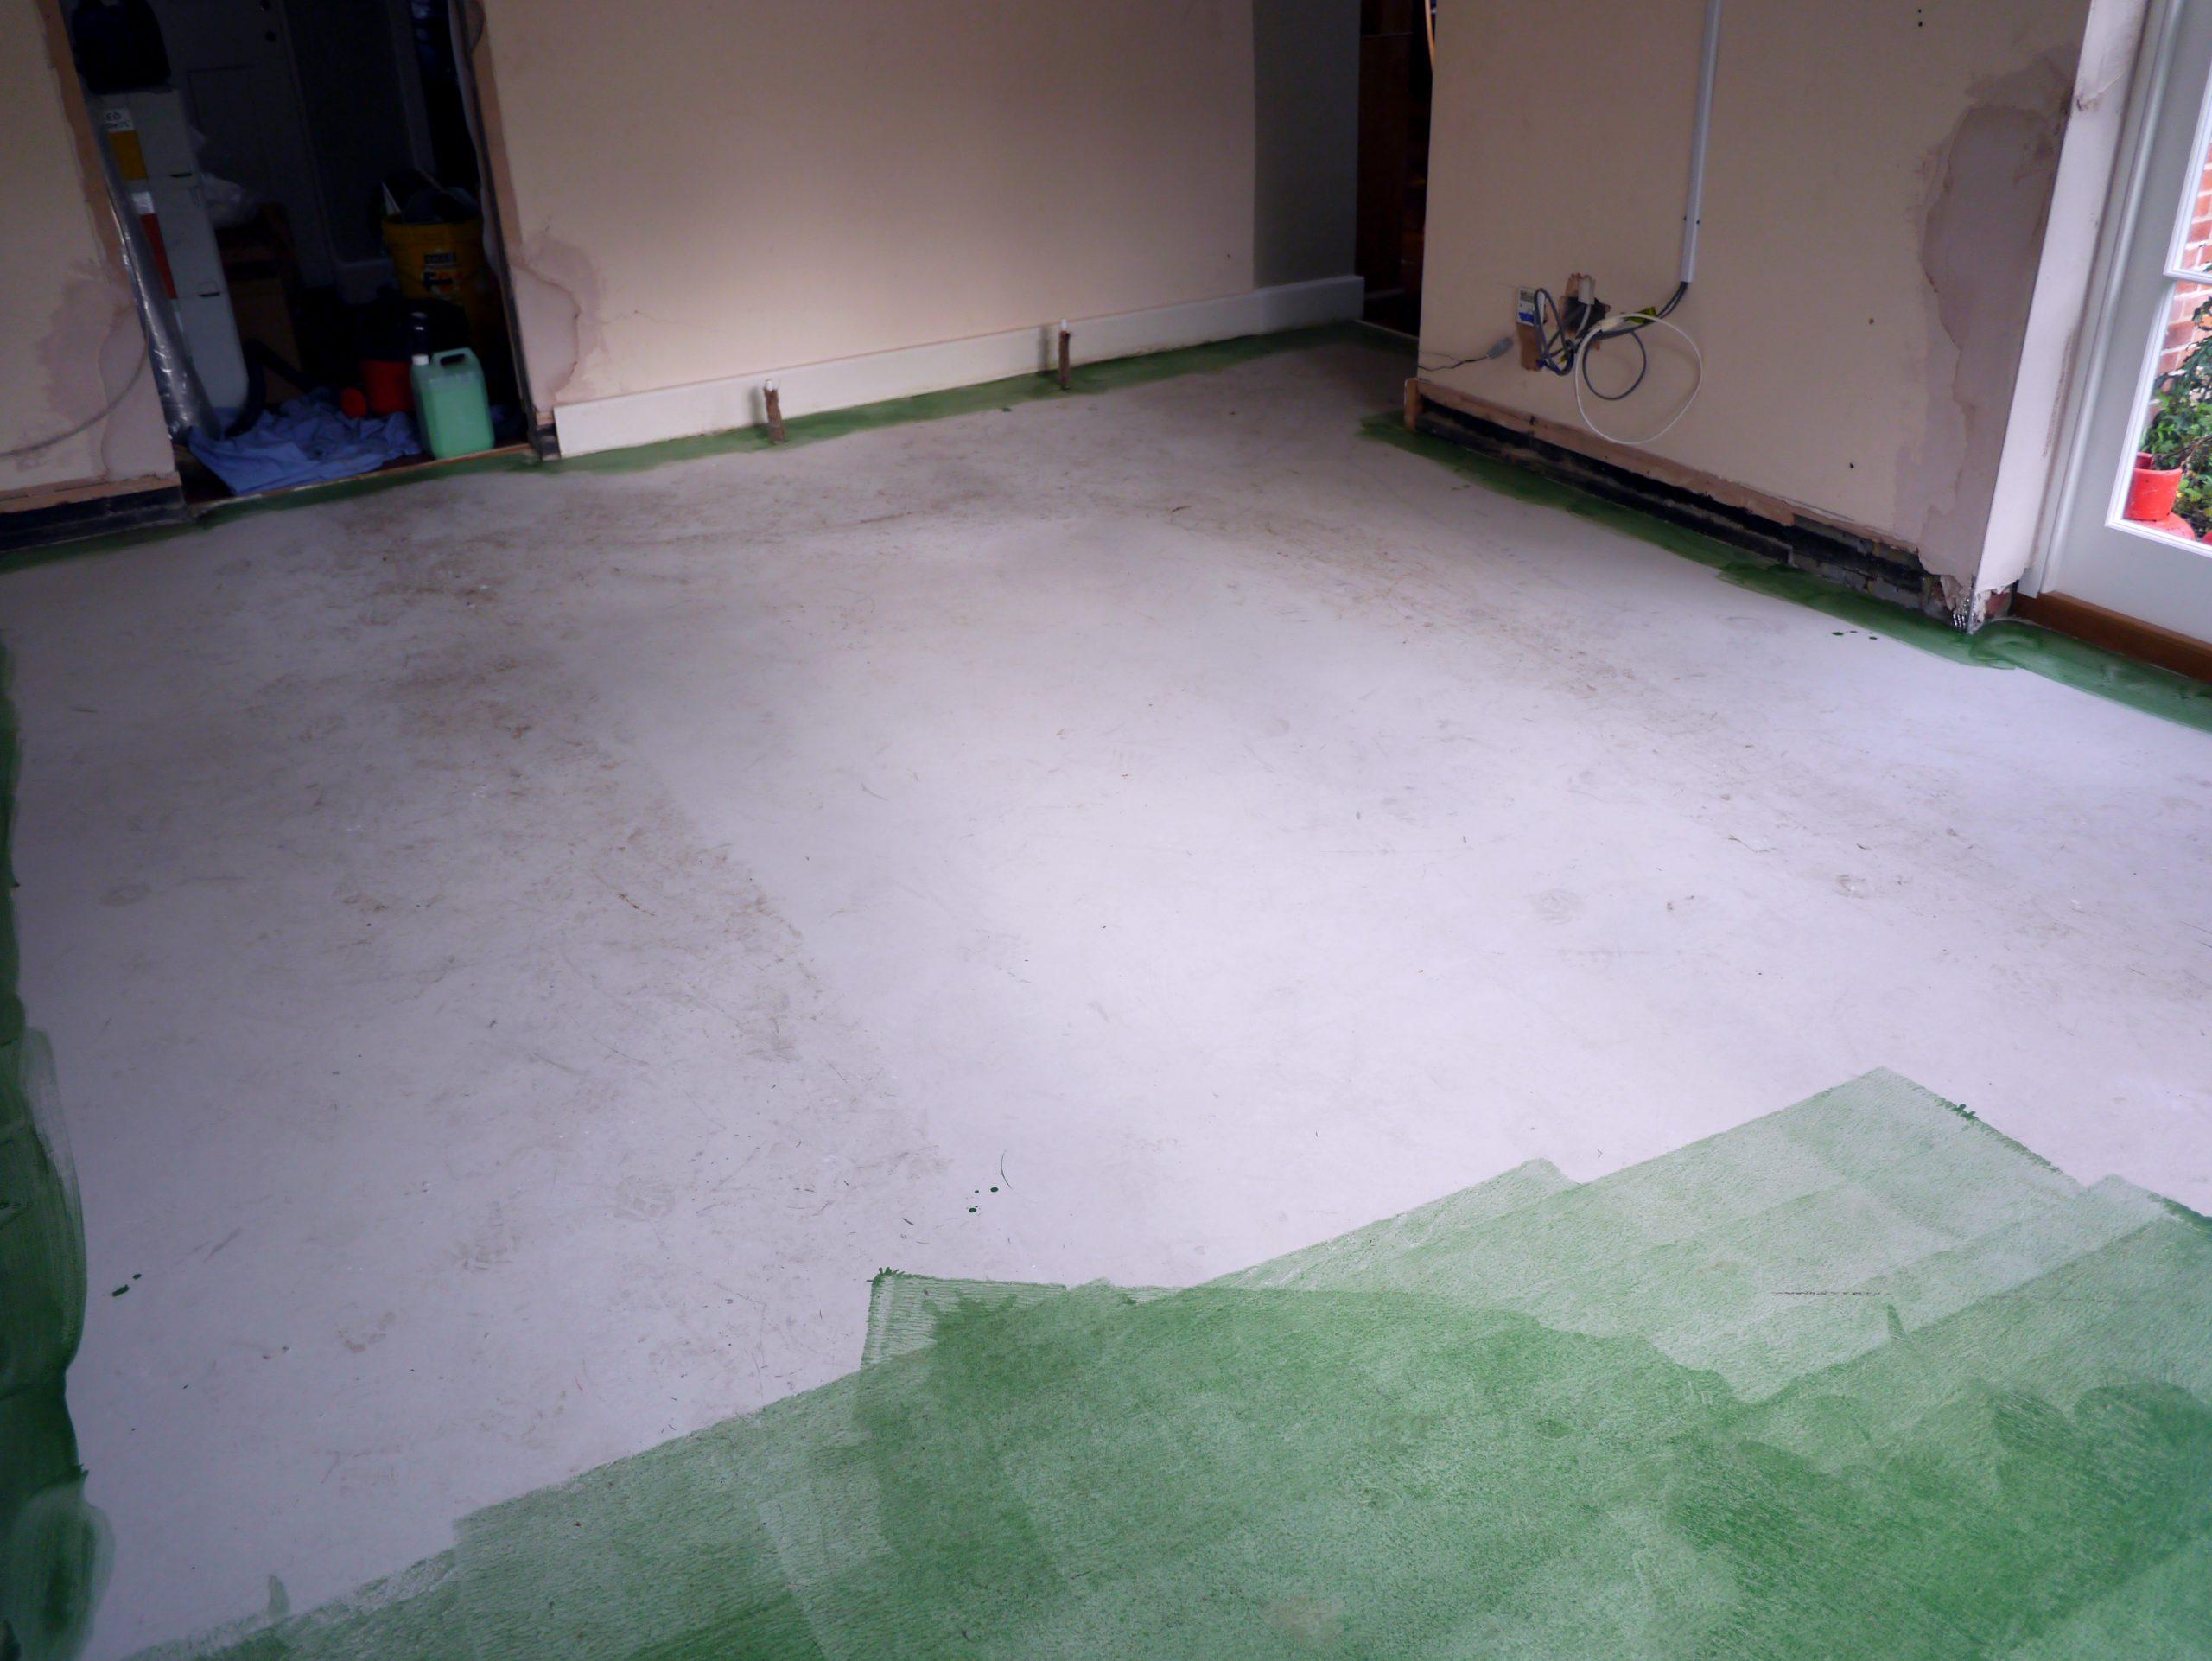 Liquid DPM applied to concrete sub floor